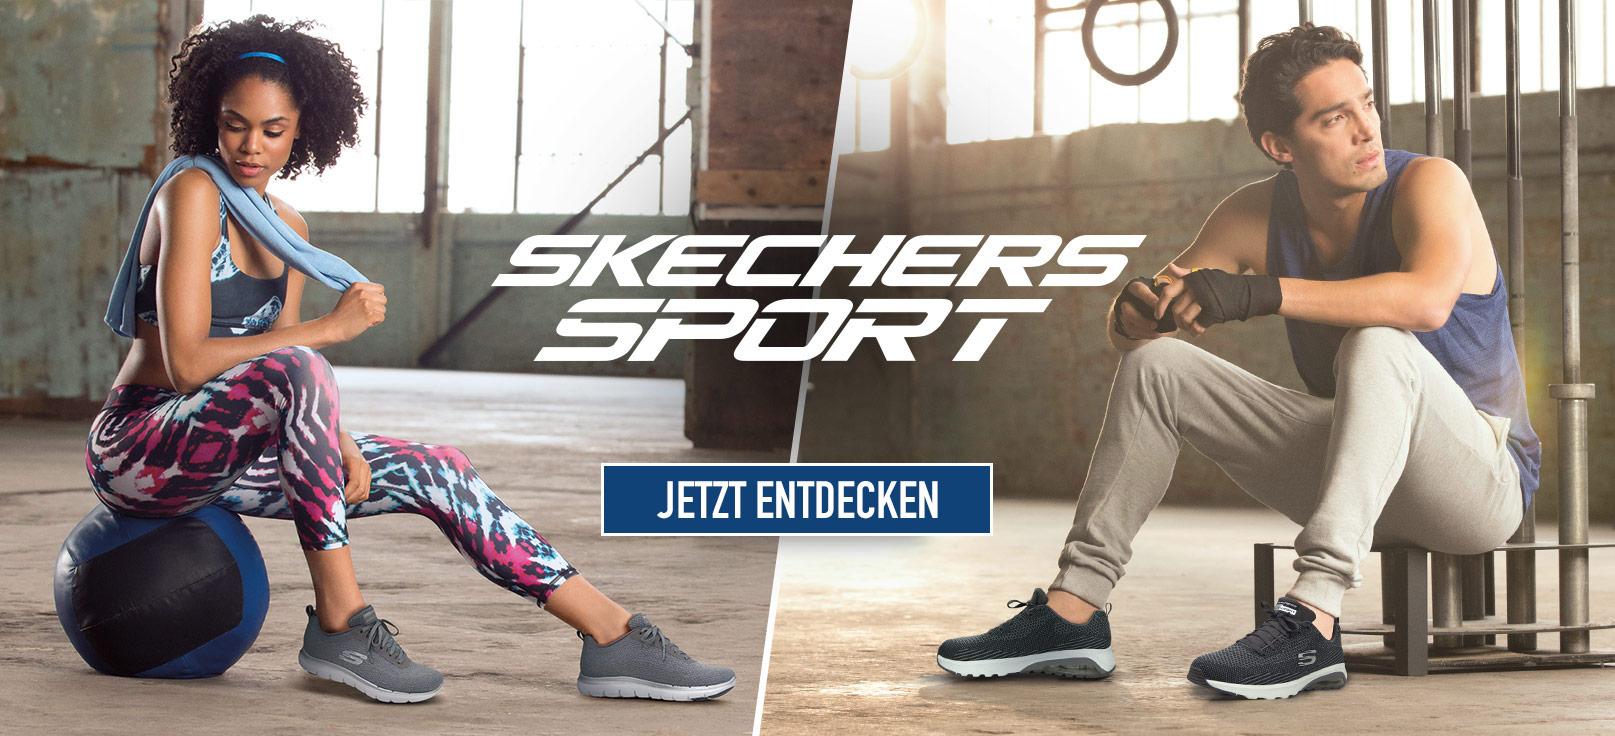 Etndecke Skechers Sport für Damen und Herren